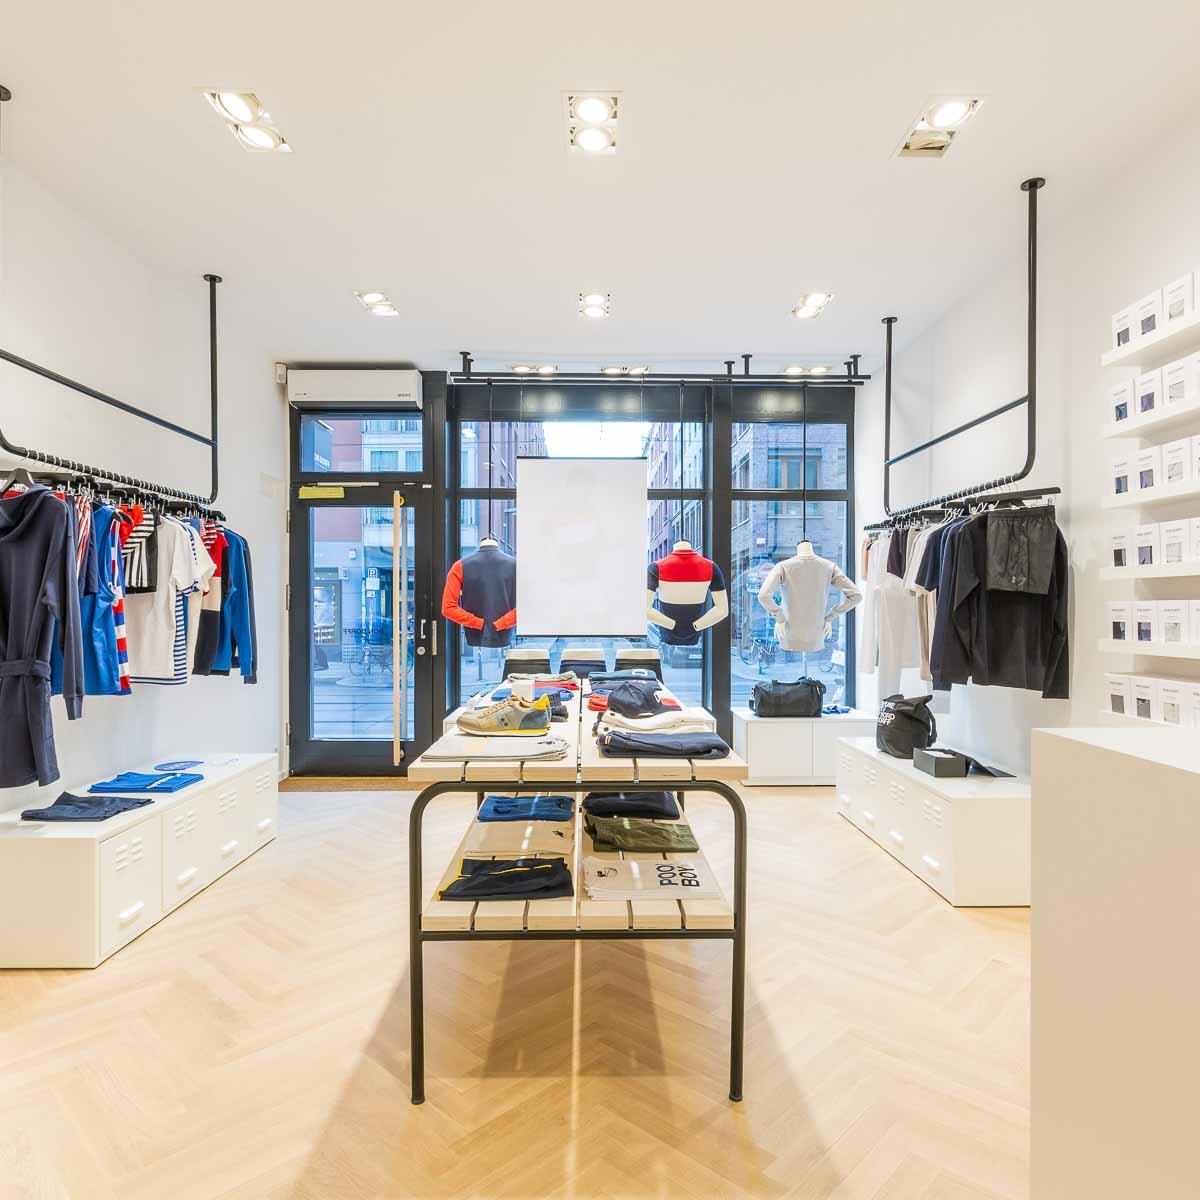 Ron Dorff Store Berlin-Mitte-3